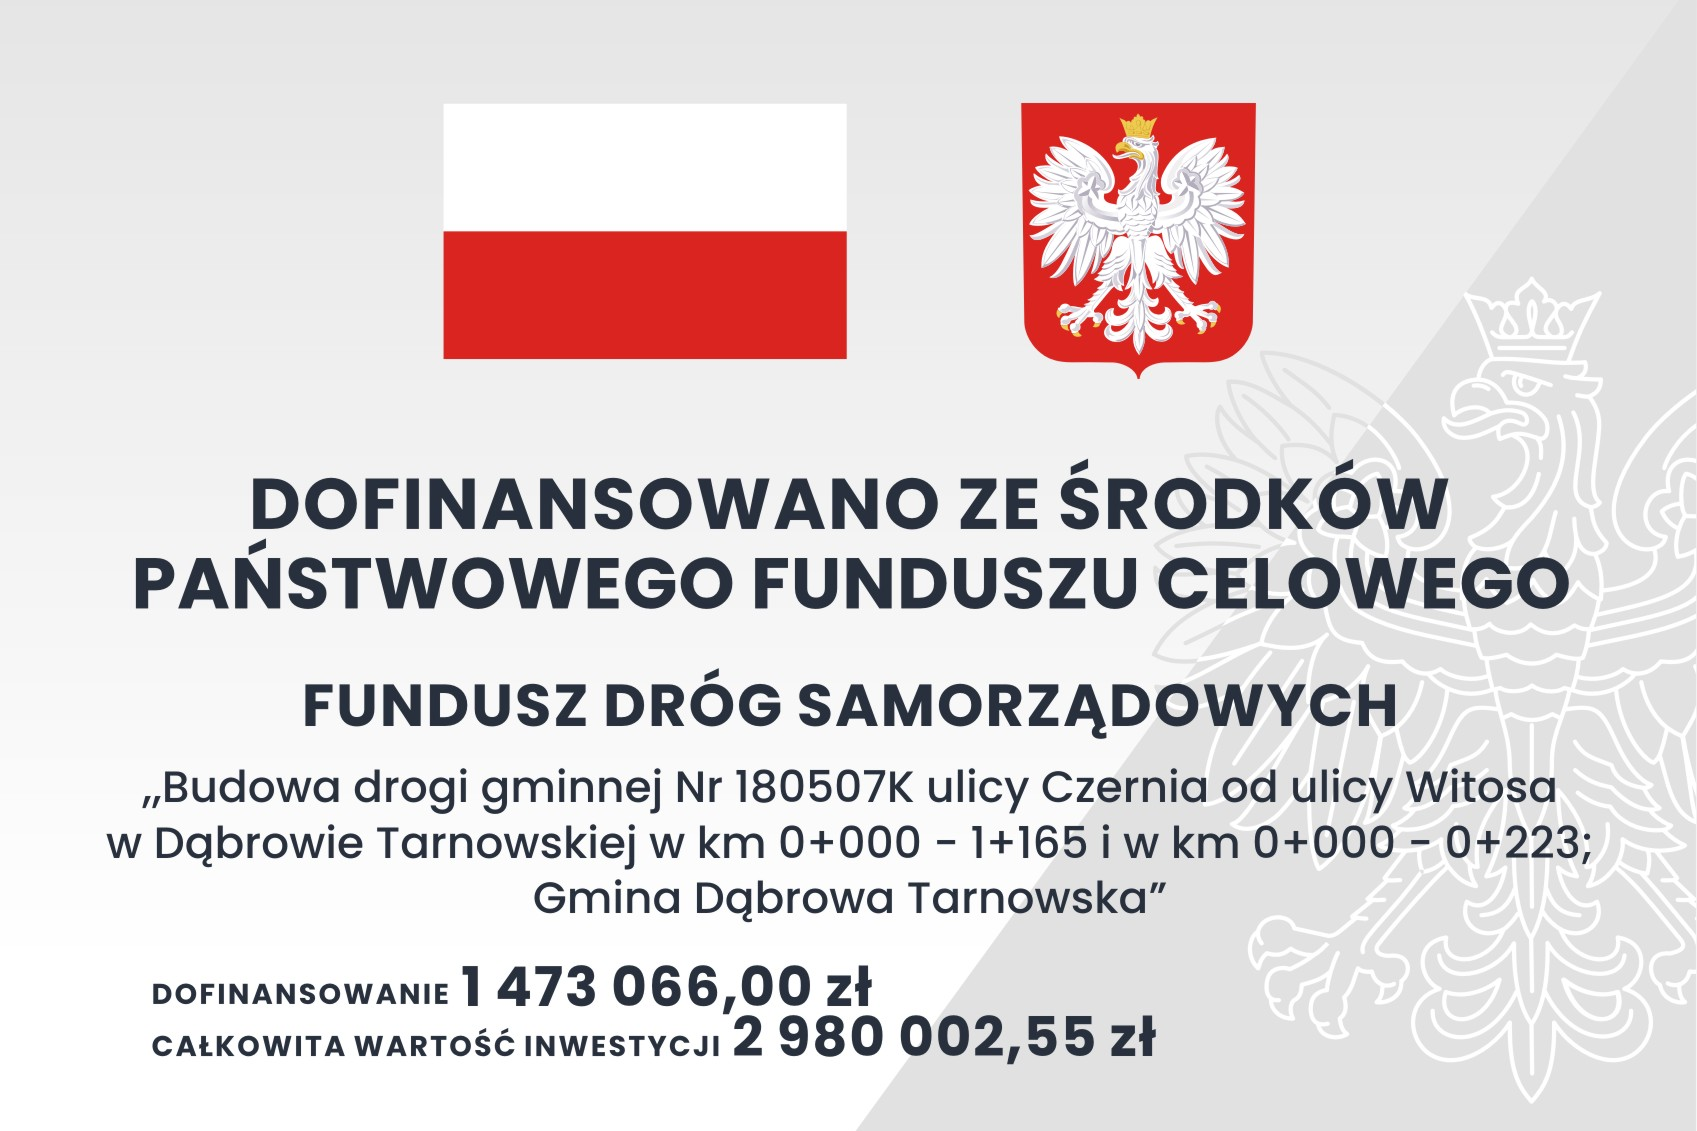 tablica1 FDS 2szt1 <cent />Fundusz Dróg Samorządowych<br>w Gminie Dąbrowa Tarnowska</center>